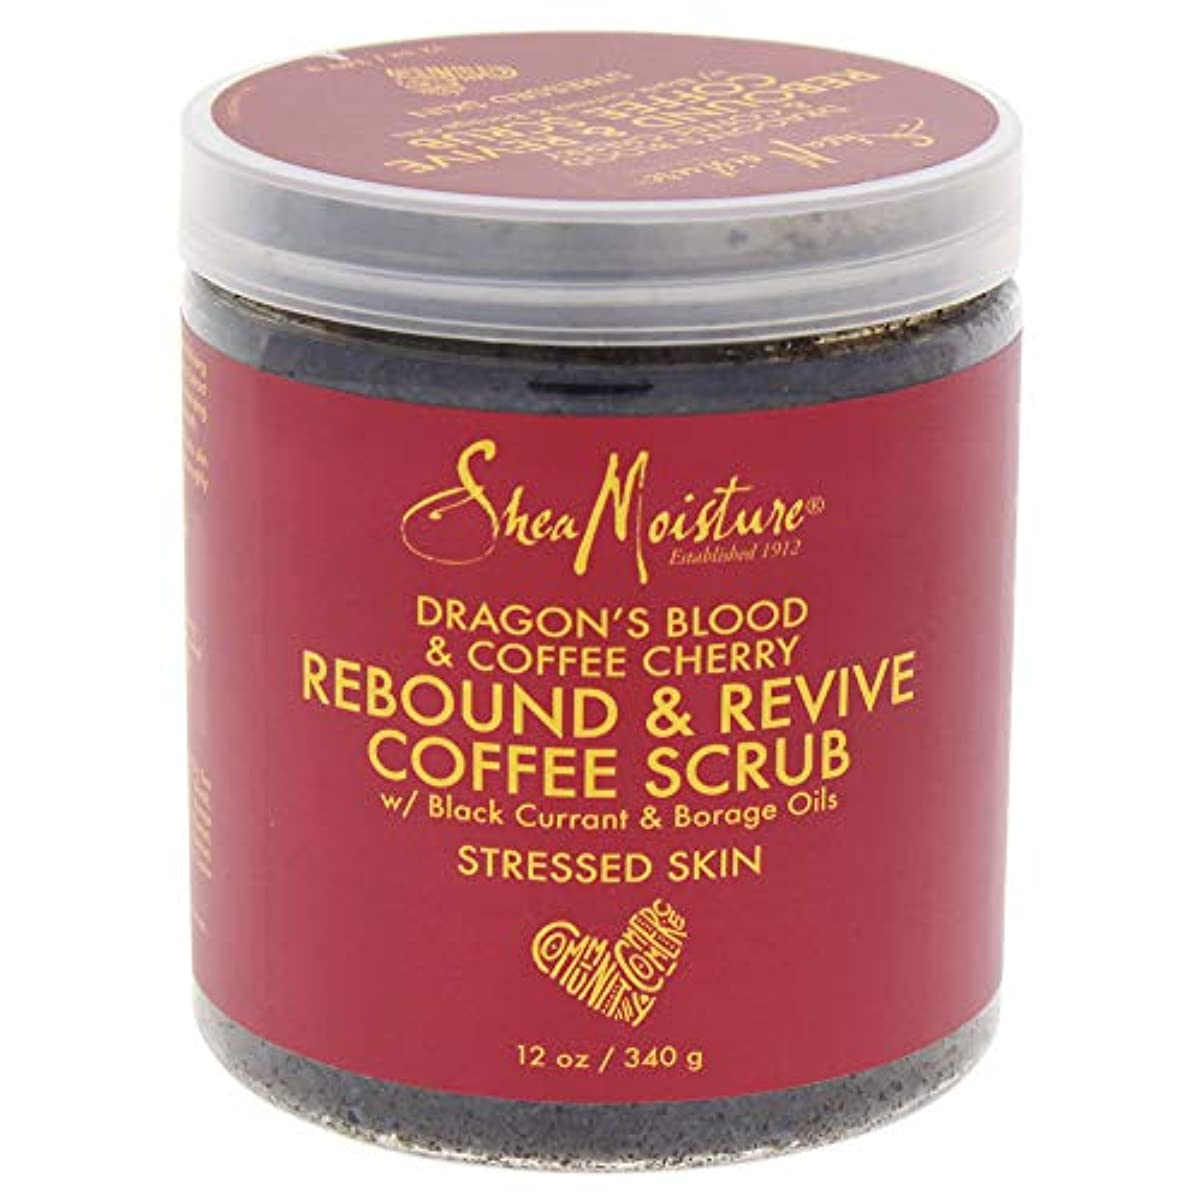 吸収剤コーデリア支出Dragons Blood & Coffee Cherry Rebound & Revive Coffee Scrub